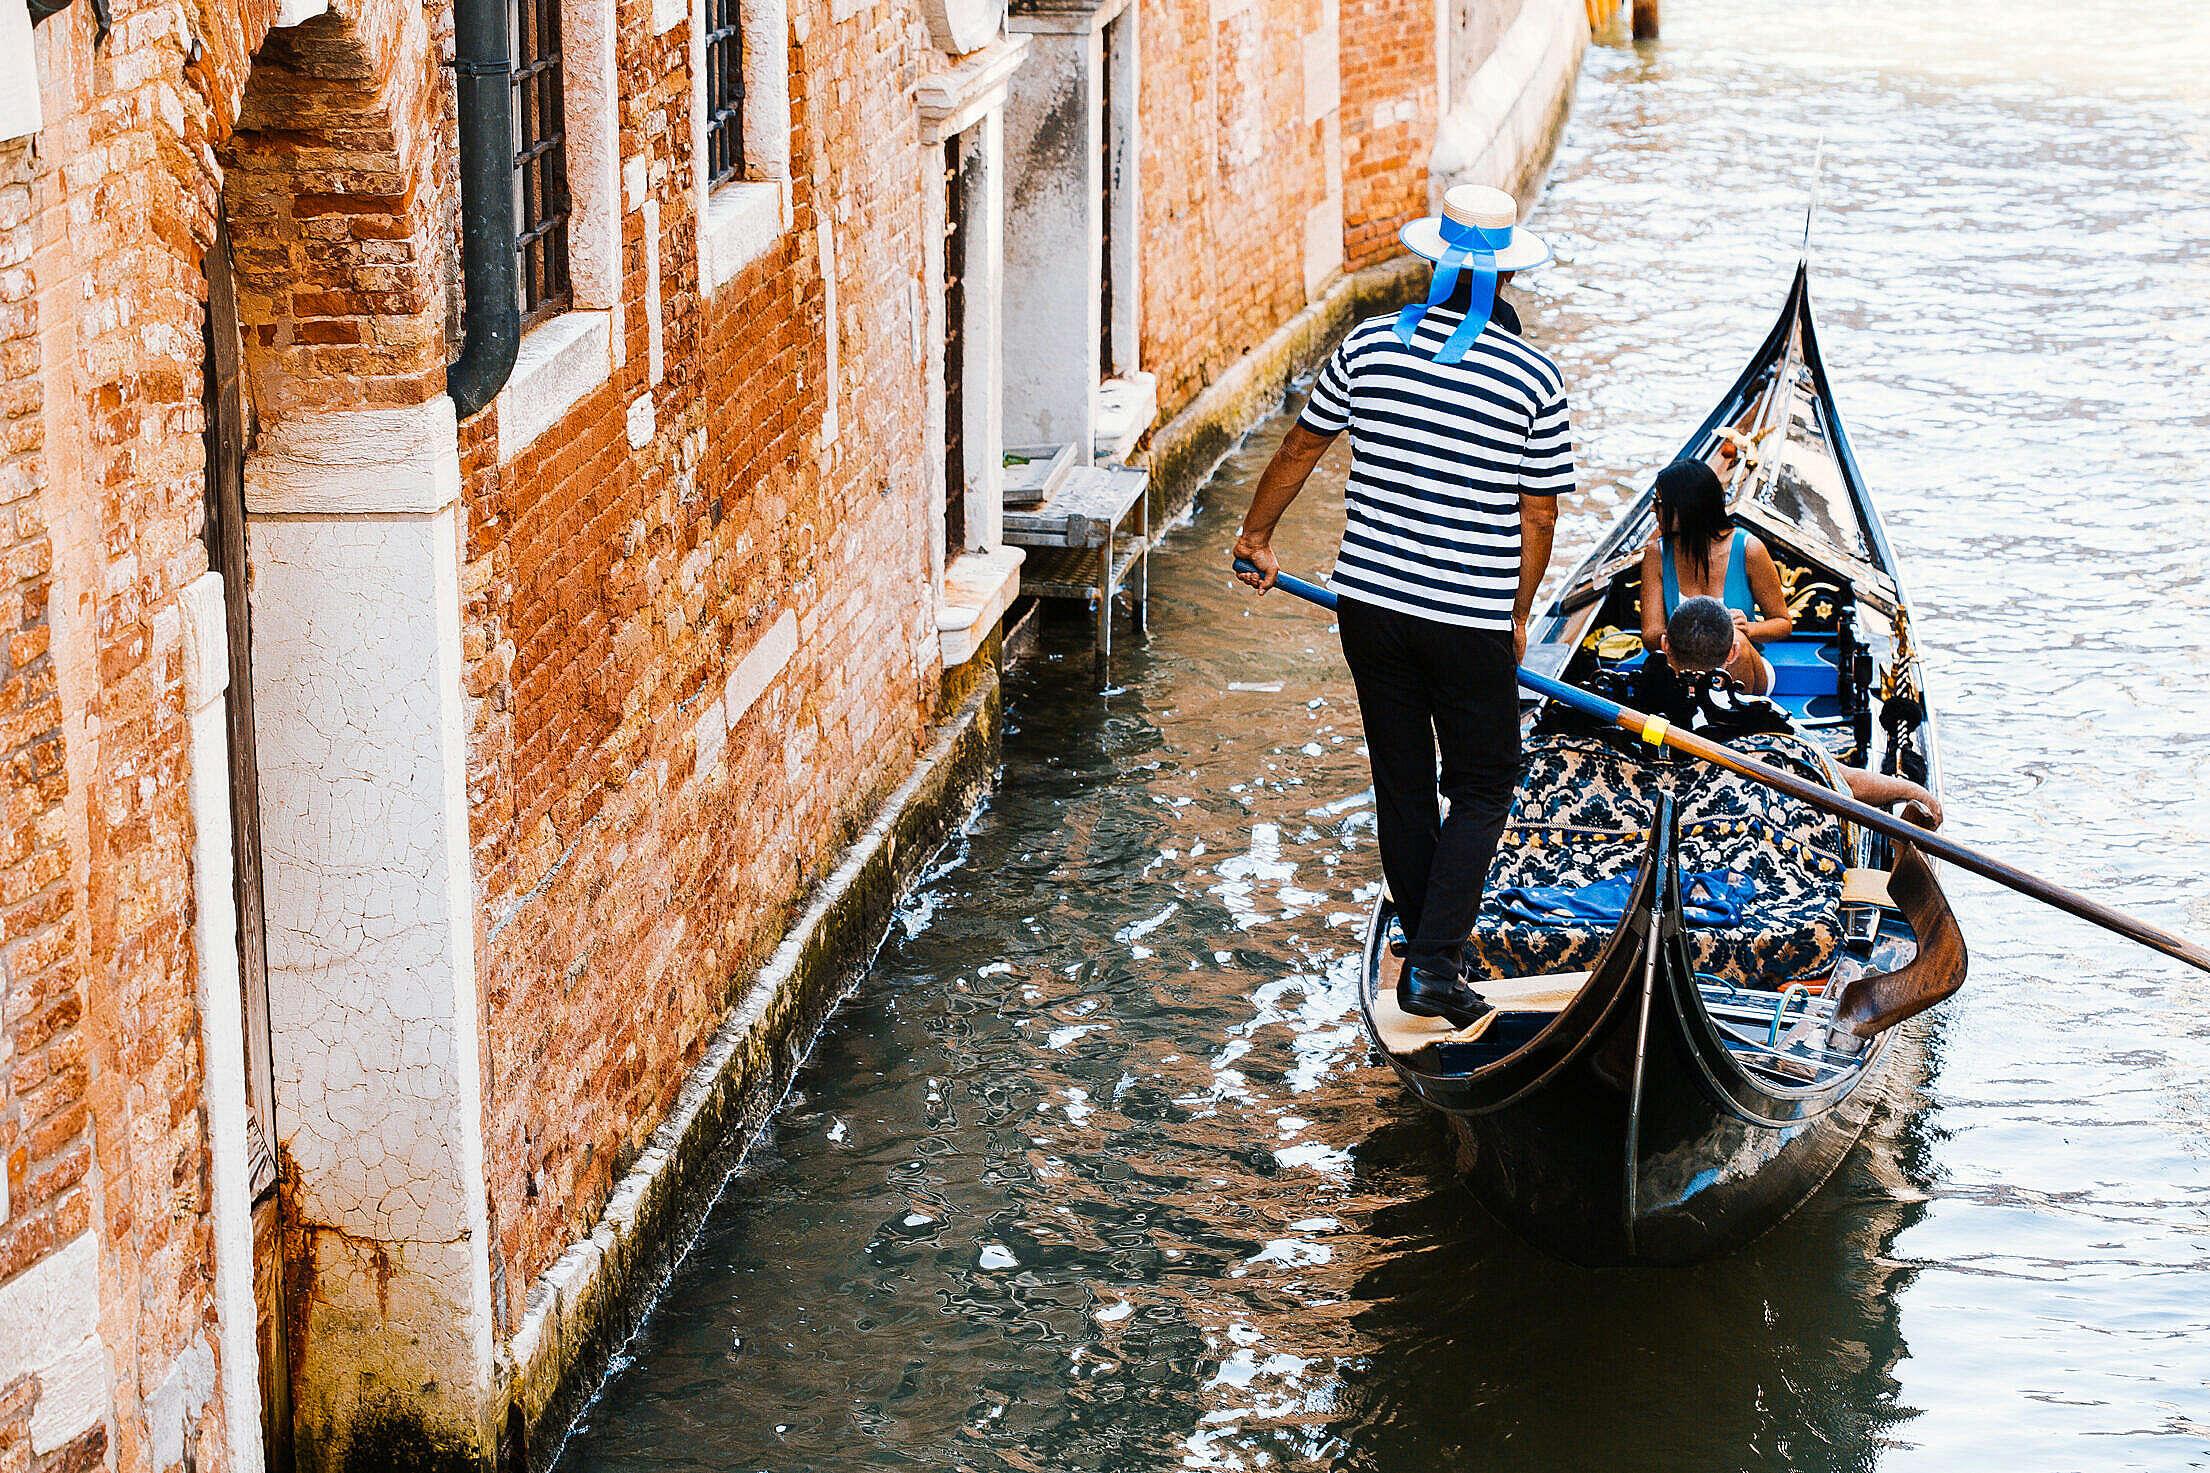 Gondola in Venice, Italy Free Stock Photo